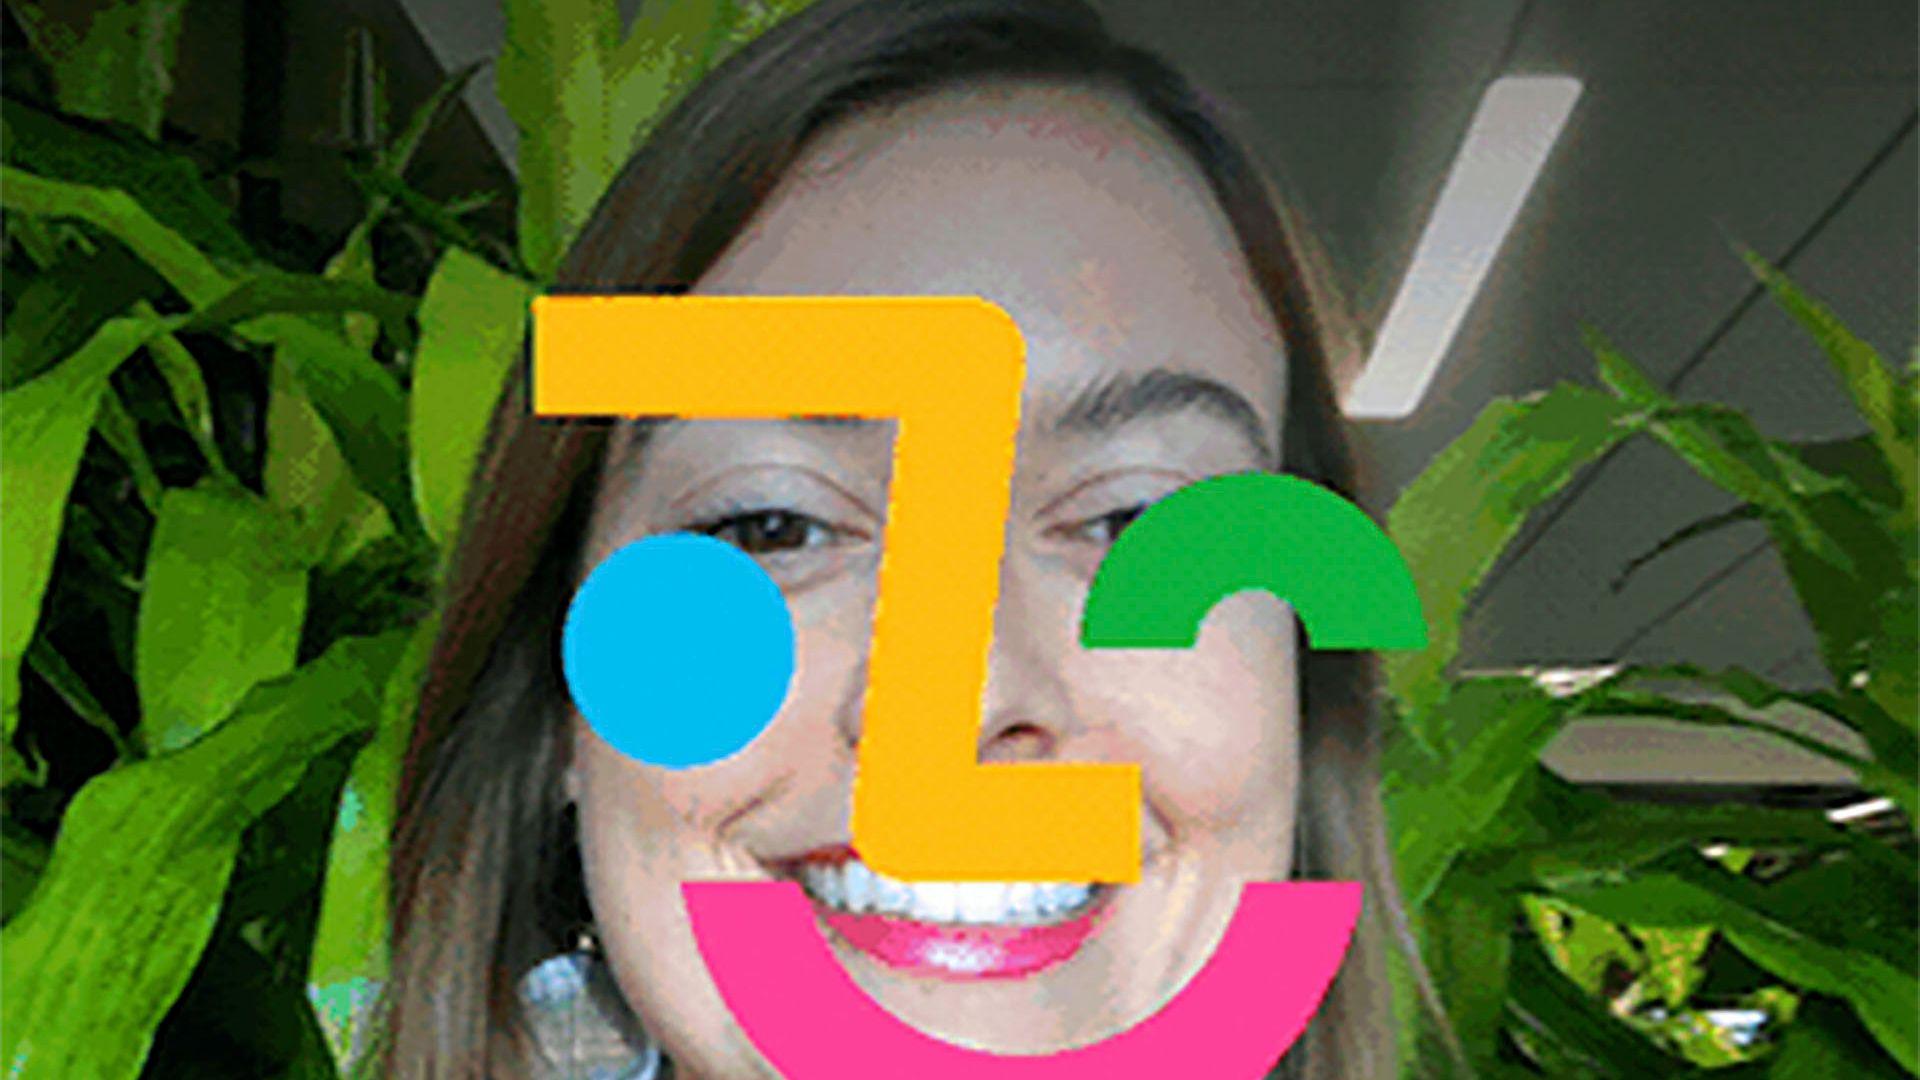 G-Board permite crear emojis personalizados con tu rostro.